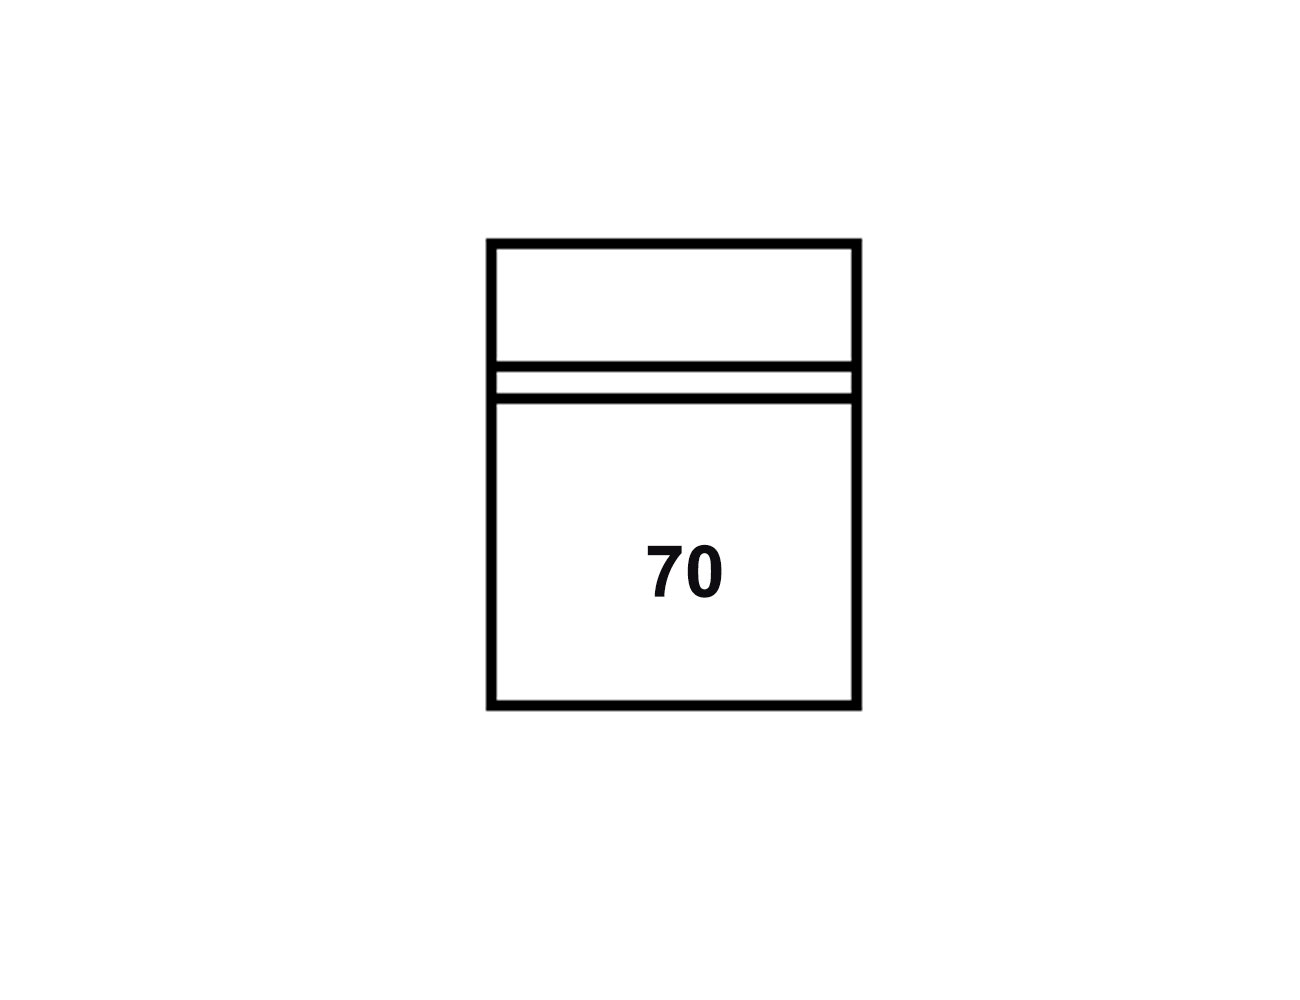 Modulo 1p 706